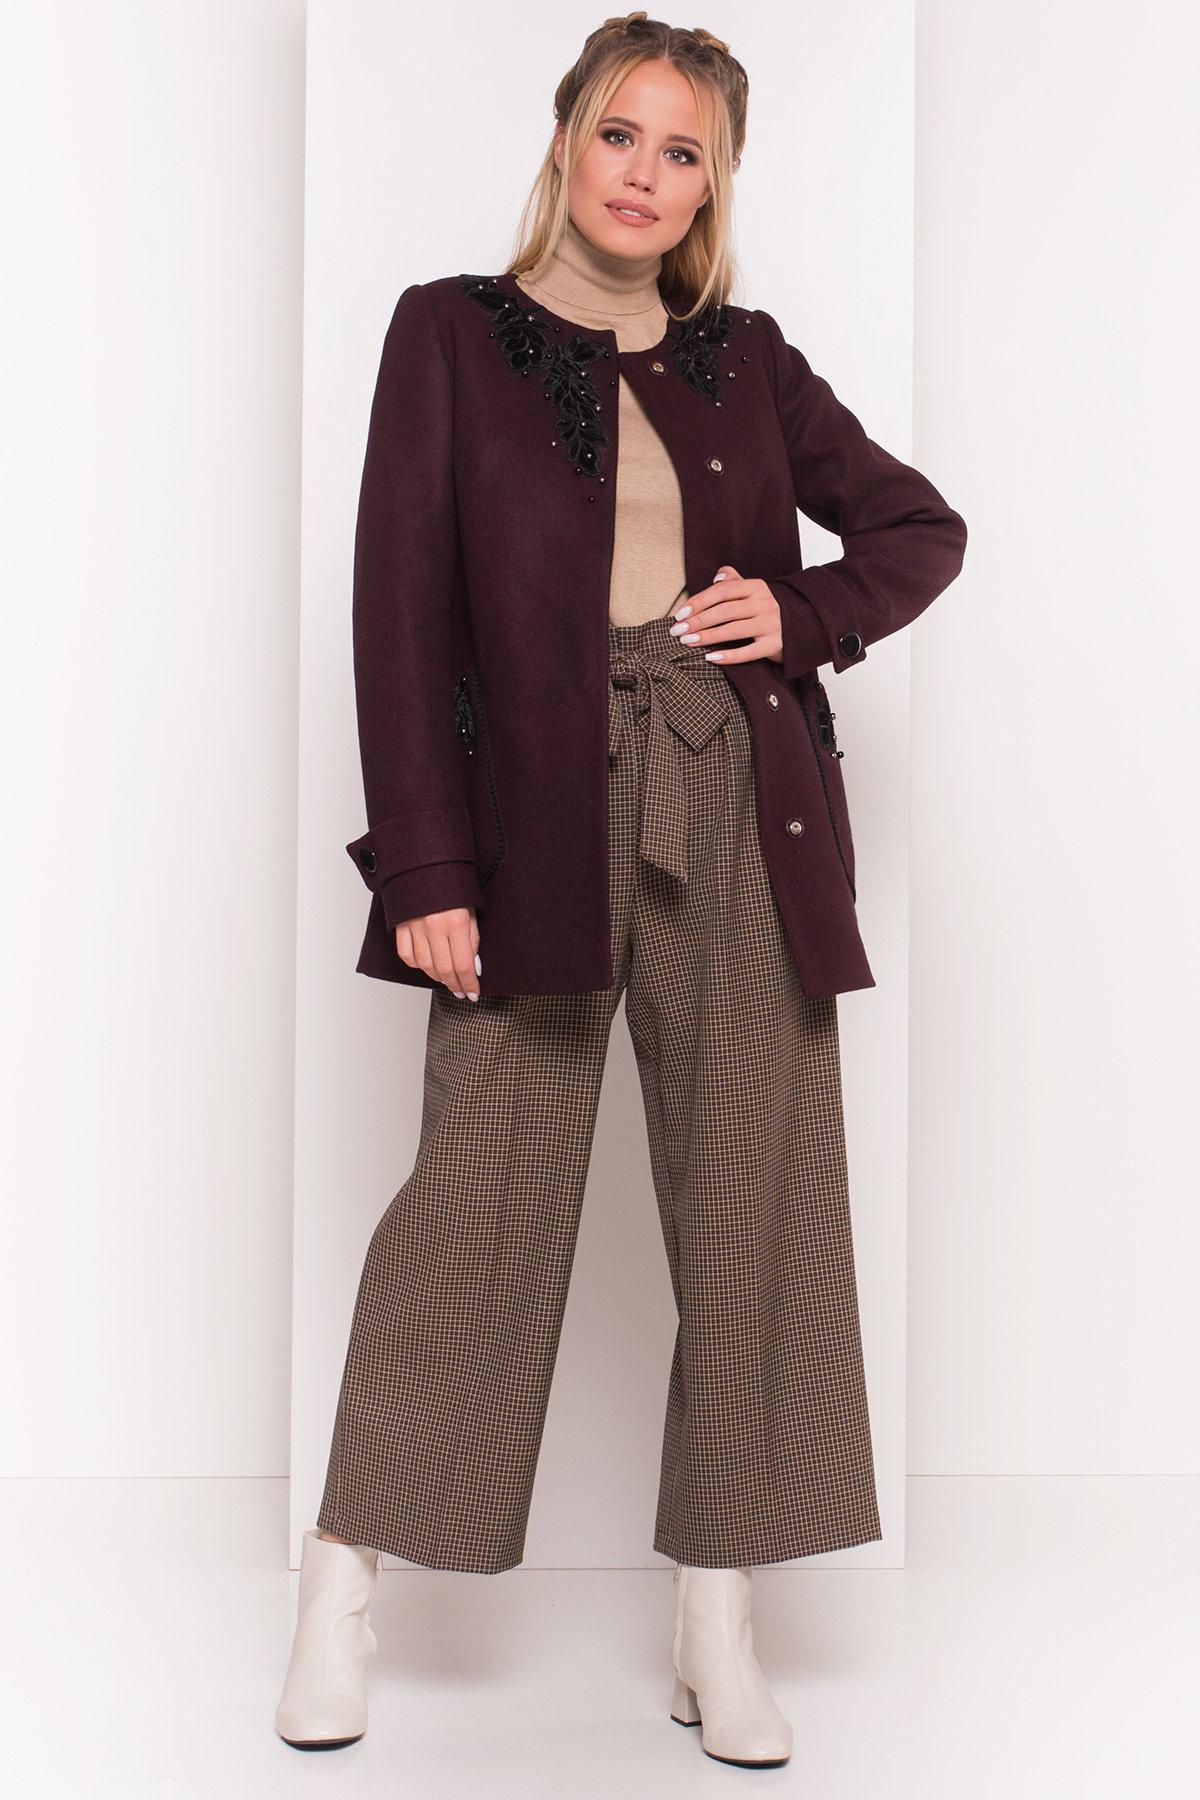 Укороченное пальто-трапеция с вышивкой Латта 5526 АРТ. 37156 Цвет: Марсала 75 - фото 3, интернет магазин tm-modus.ru